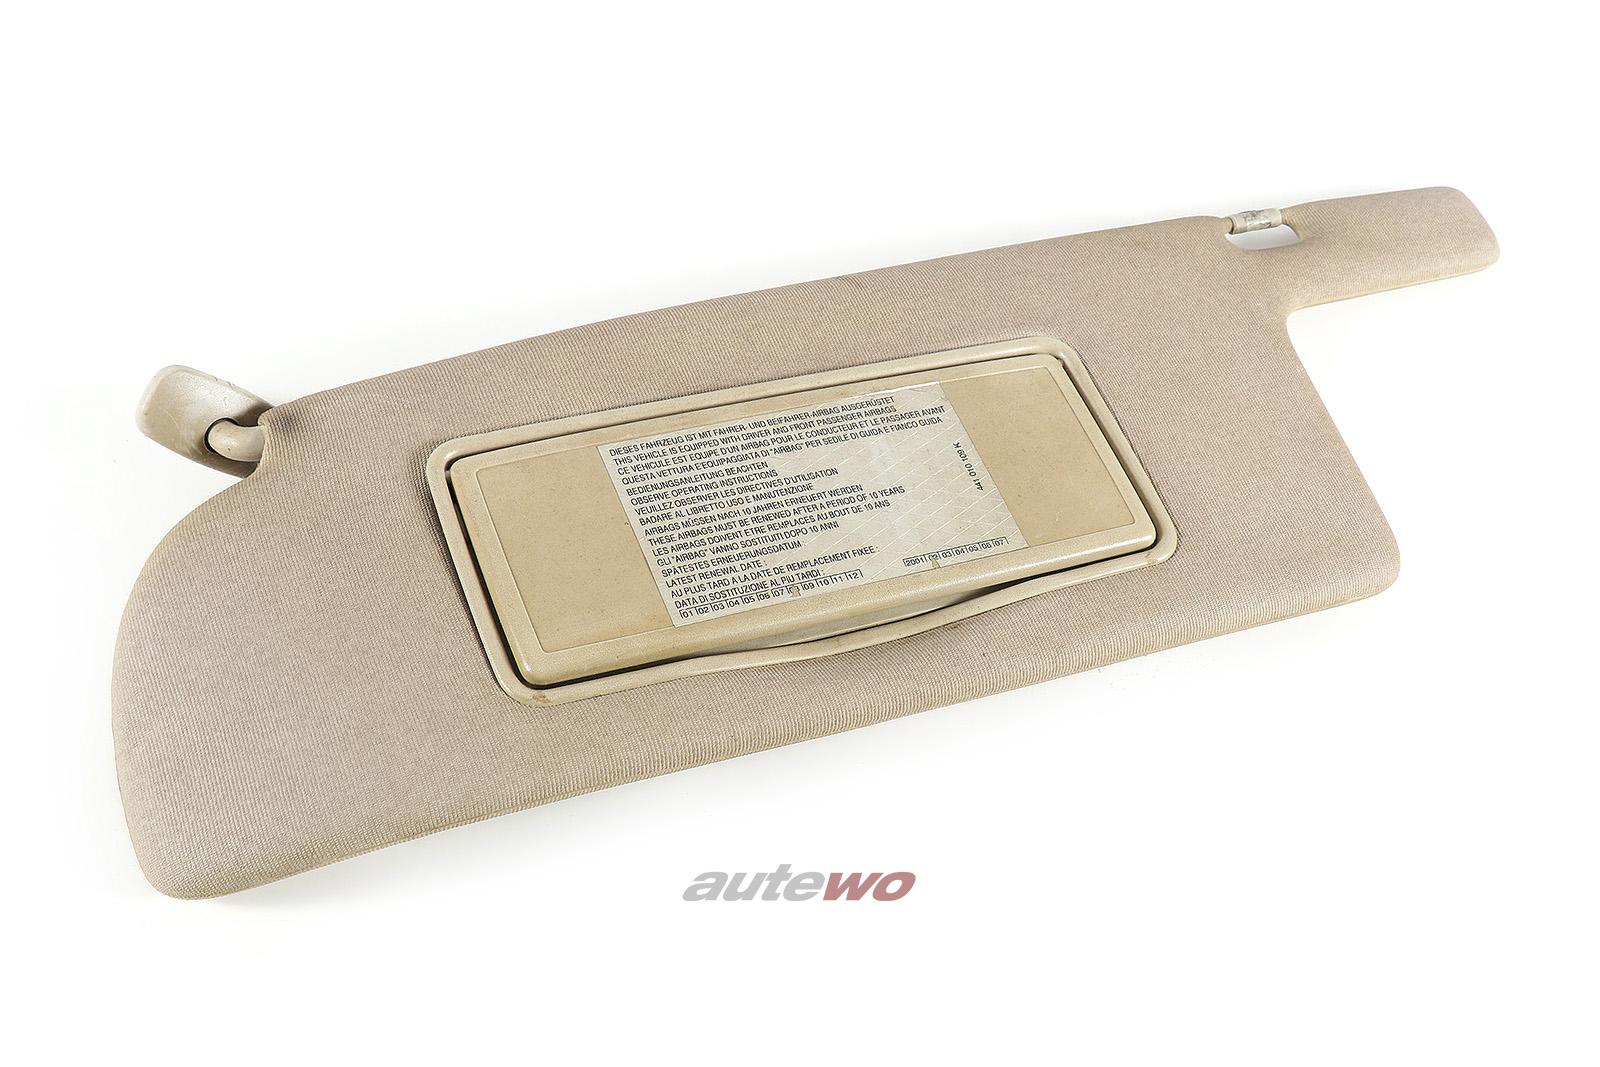 443857551C Audi 100/200 Typ 44 Sonnenblende + beleuchteter Spiegel links